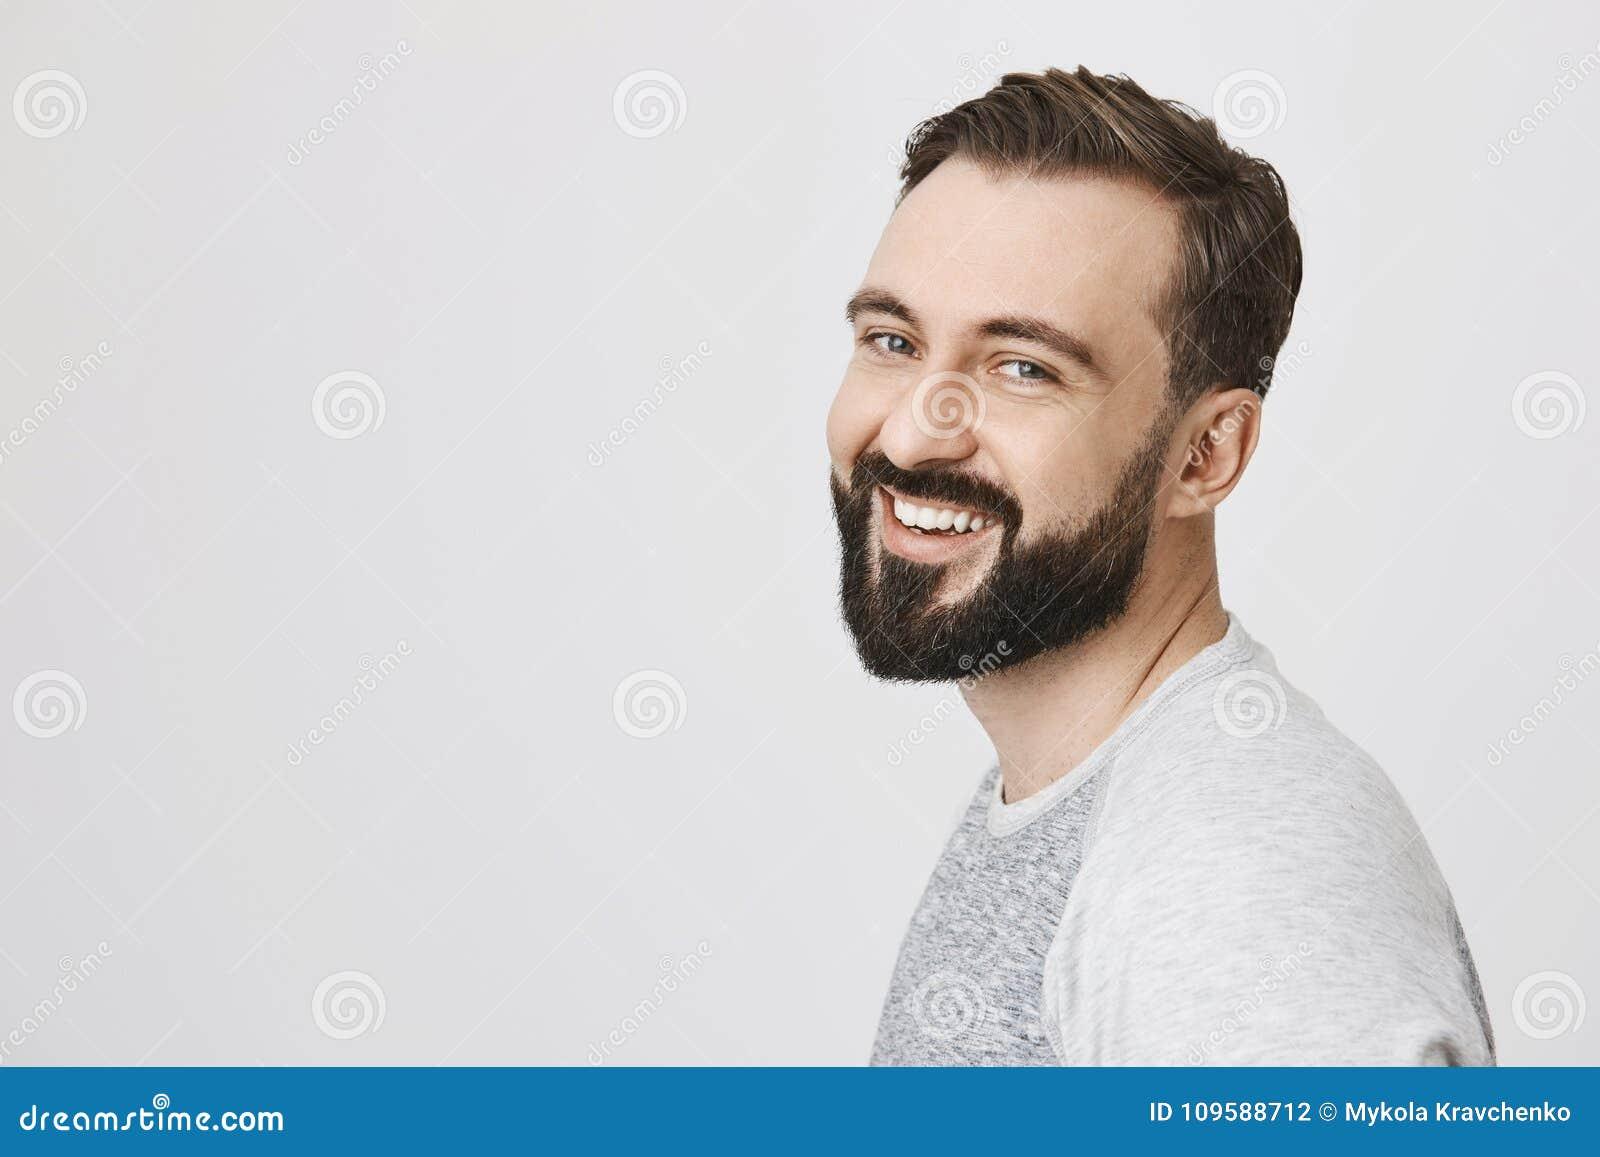 Портрет привлекательного молодого взрослого человека с бородой и усиком окантовал камеру, выражая счастье, пока стоящ